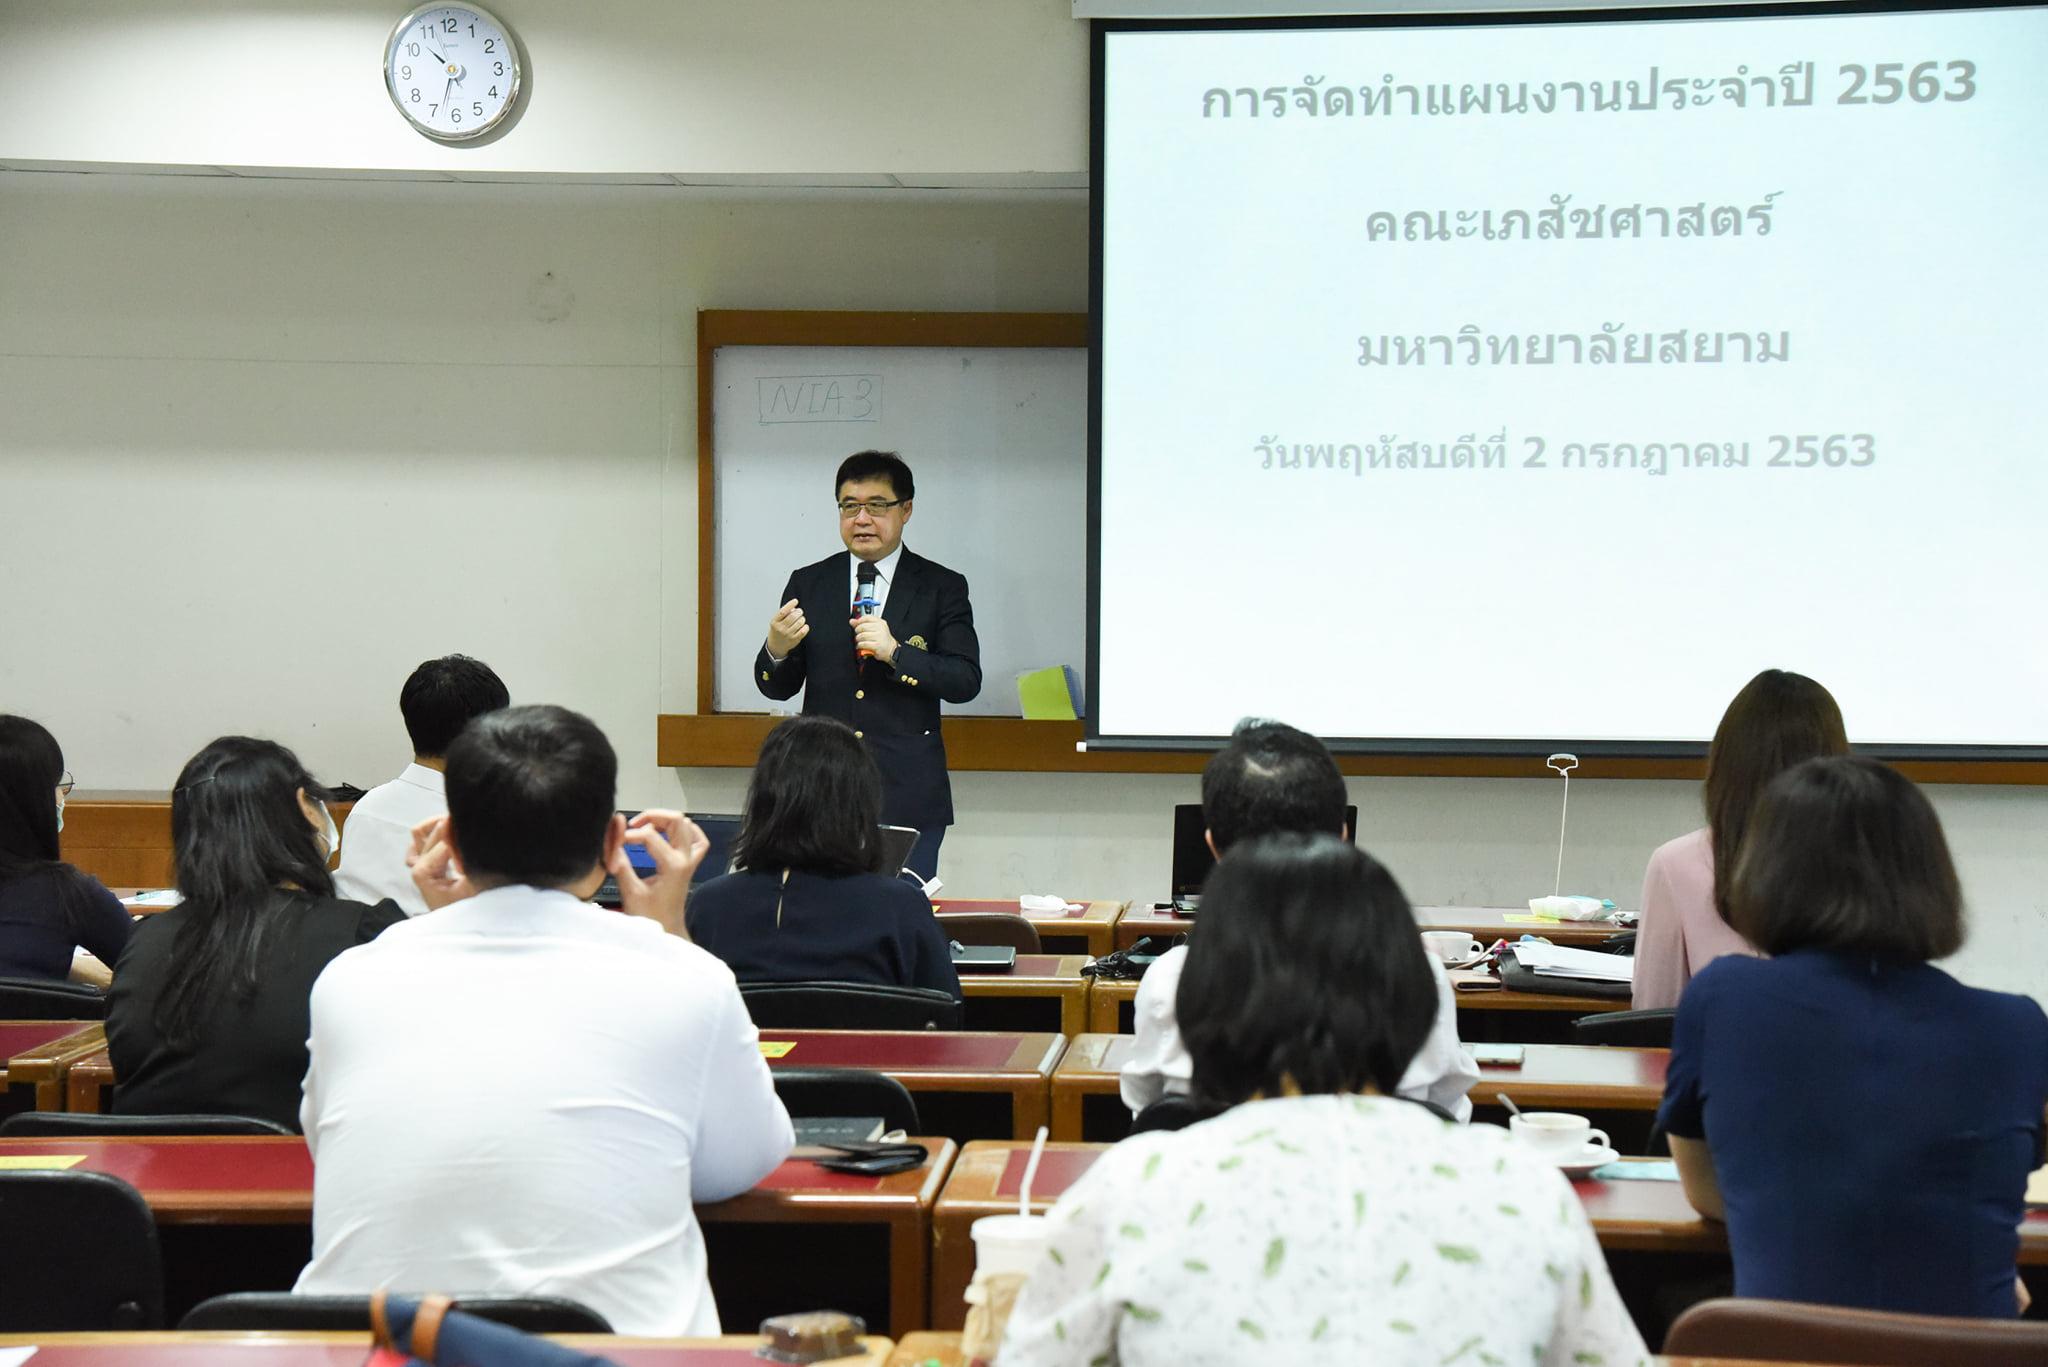 การประชุมแผนงานและโครงการ ปีการศึกษา 2563